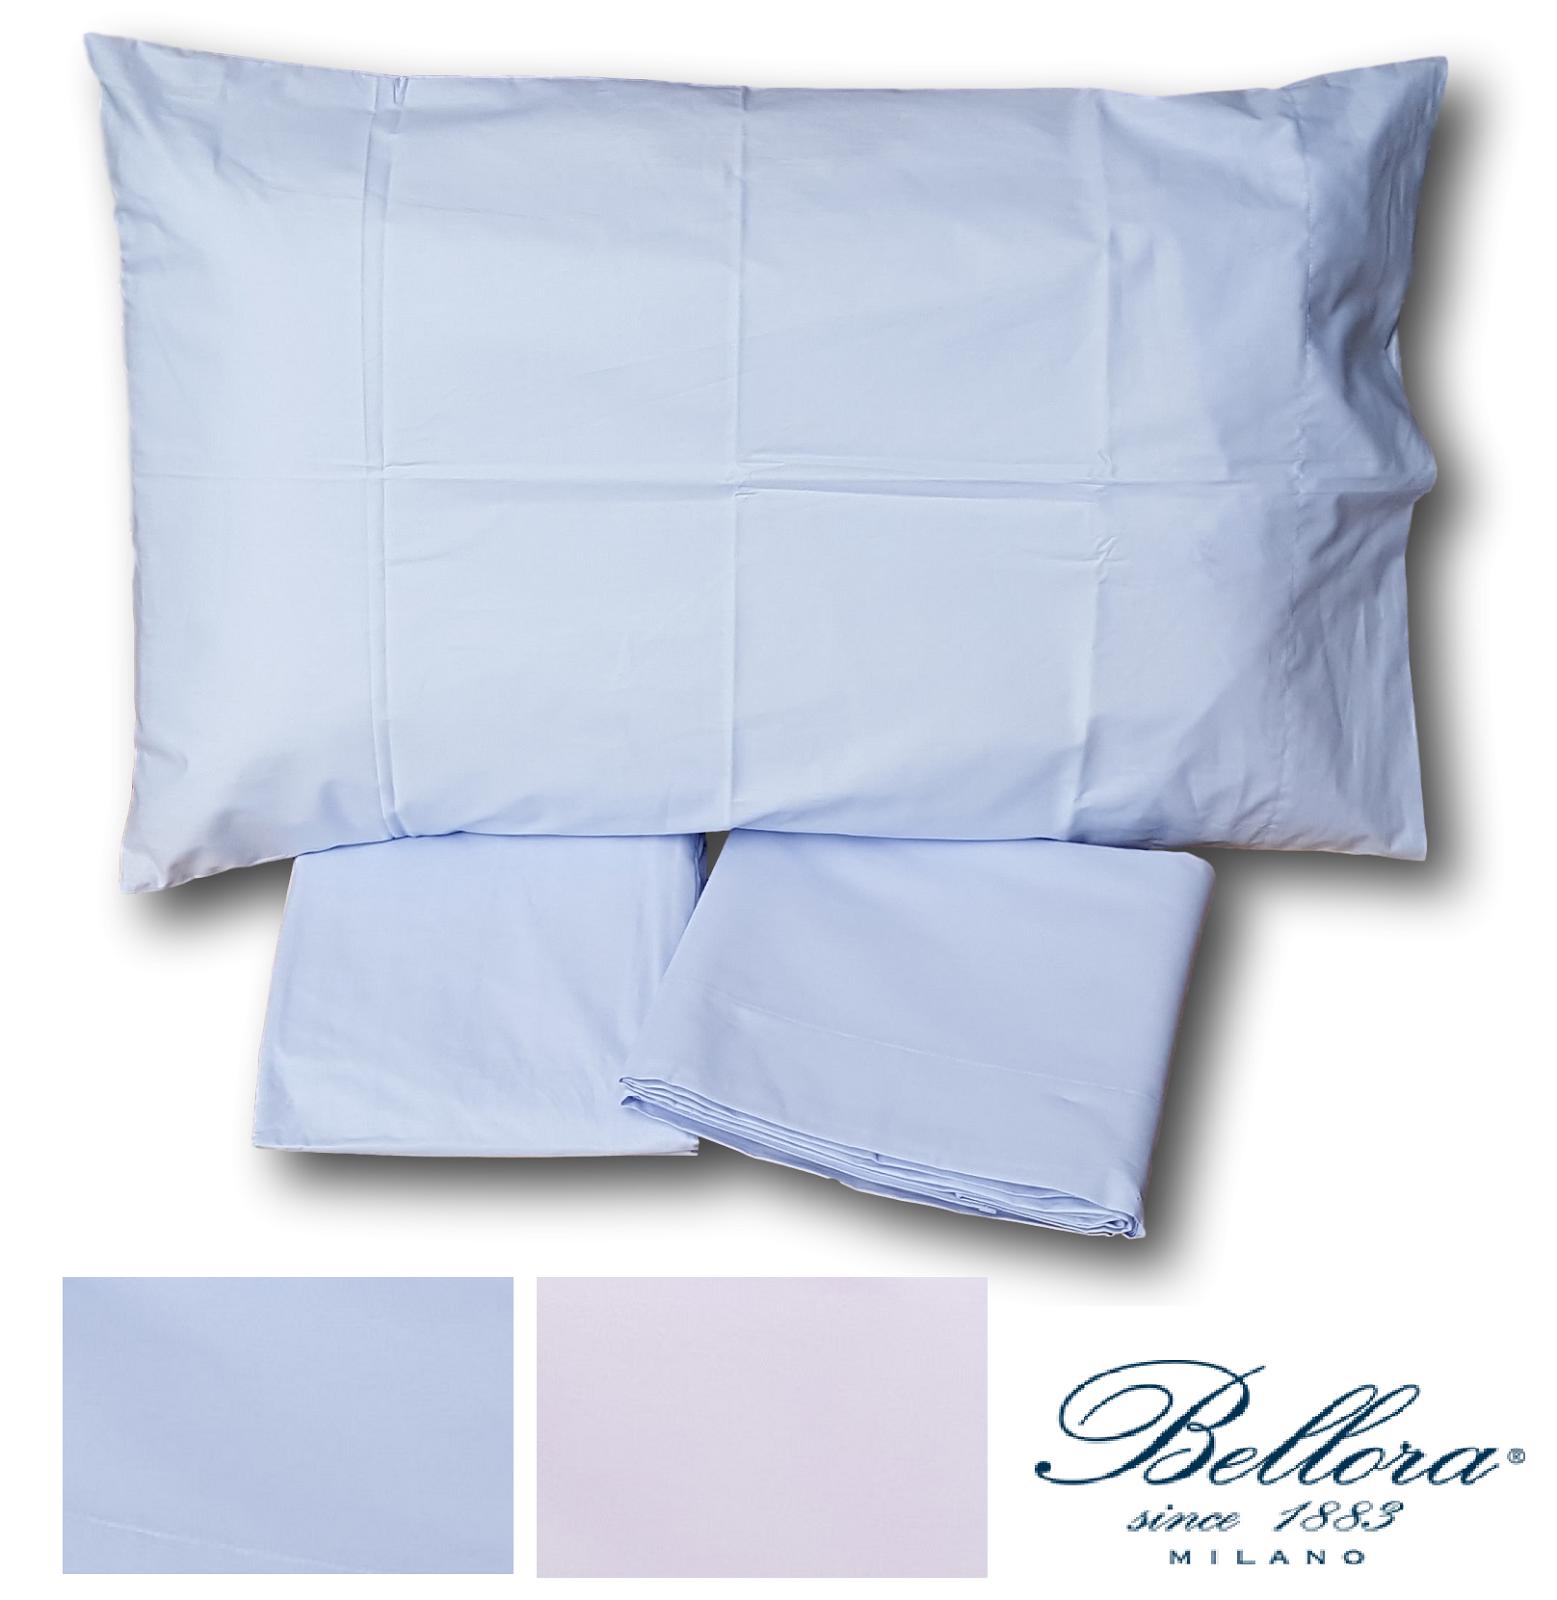 color rubino 1 x 80//80 plus 135//200 cm Biancheria da letto Motion copripiumino singolo Kaeppel G-105840-42D1-VL97